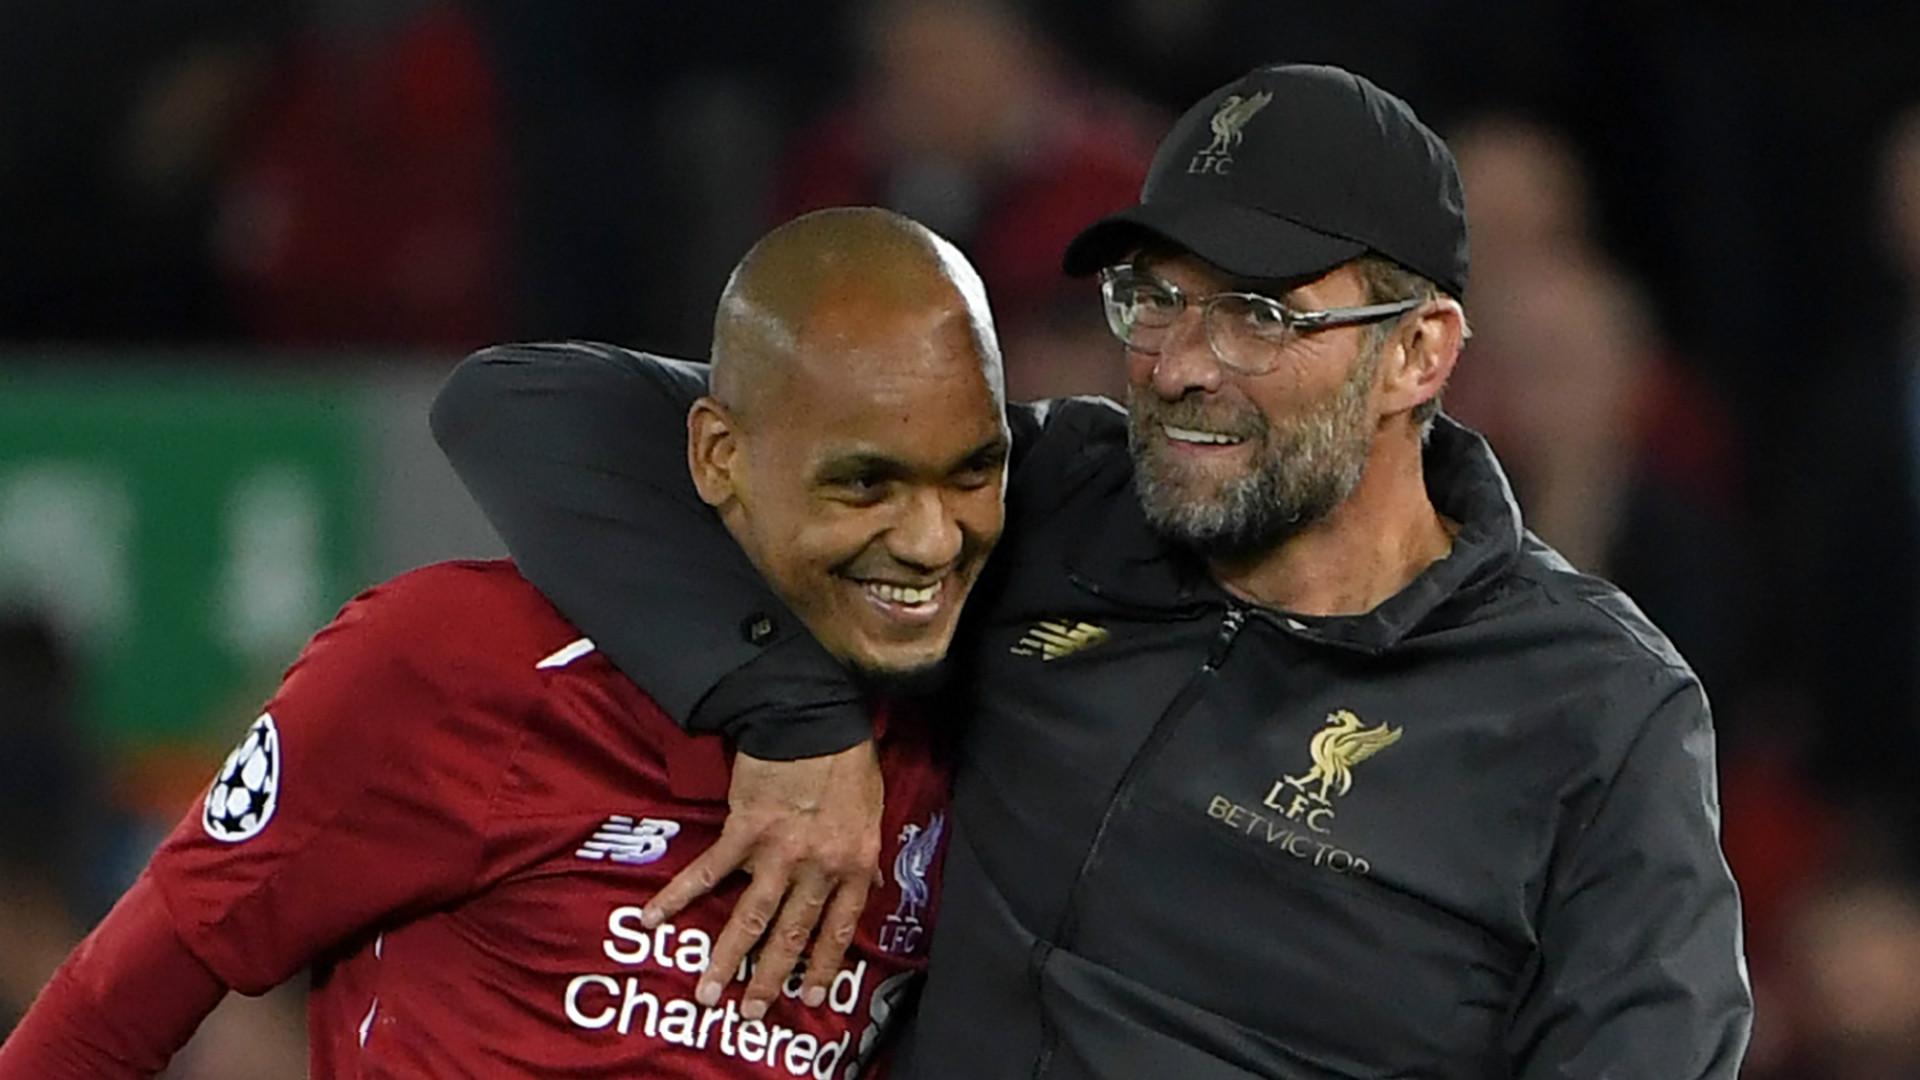 Fabinho Jurgen Klopp Liverpool 2018-19